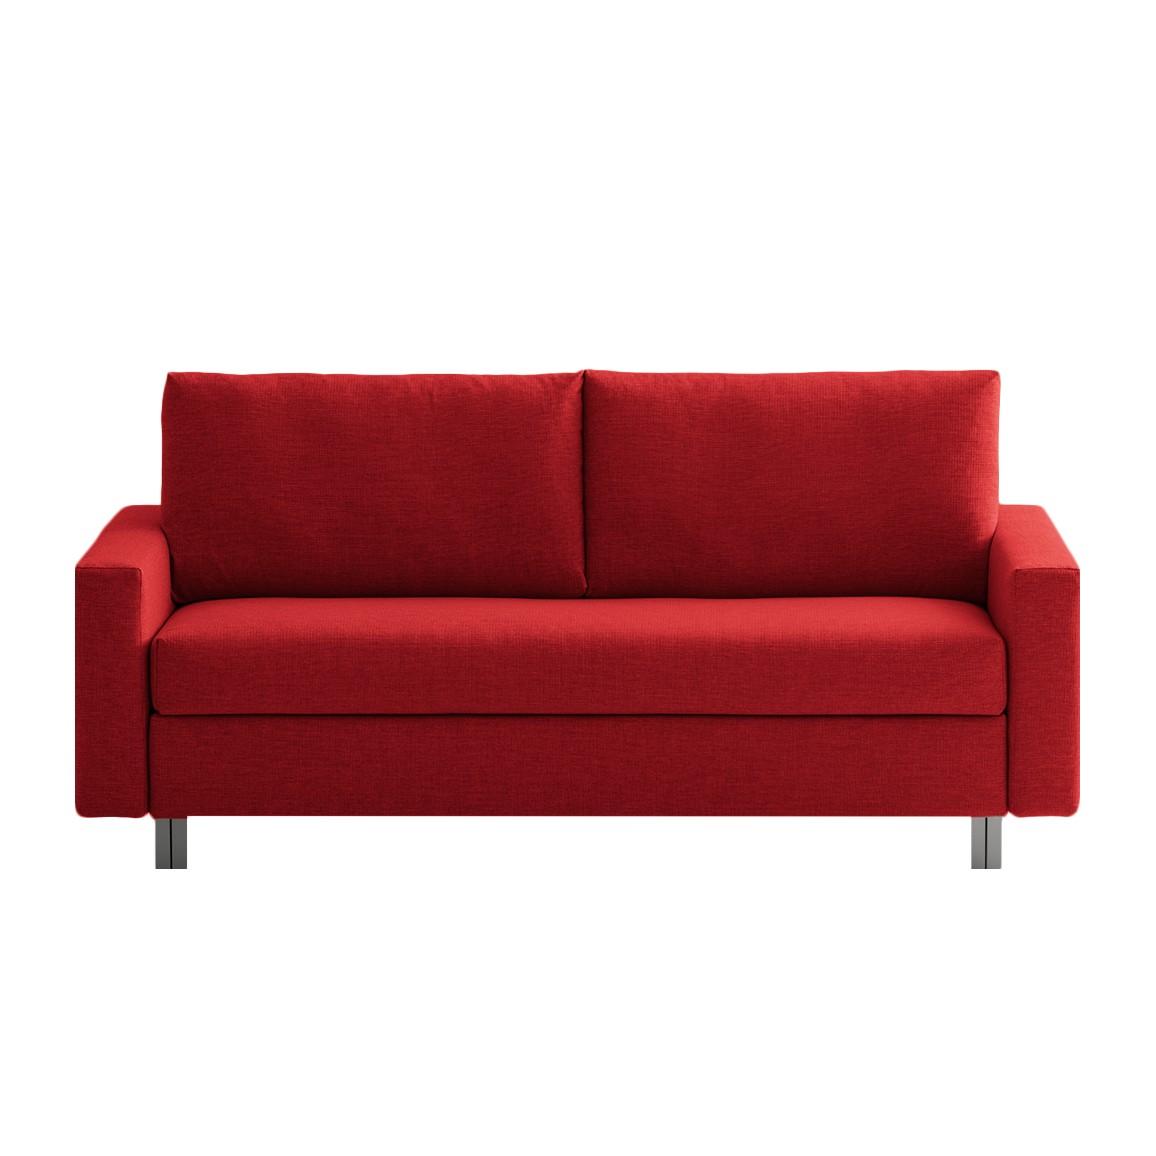 home24 Schlafsofa Aura Webstoff | Wohnzimmer > Sofas & Couches > Schlafsofas | Rot | Textil | chillout by Franz Fertig